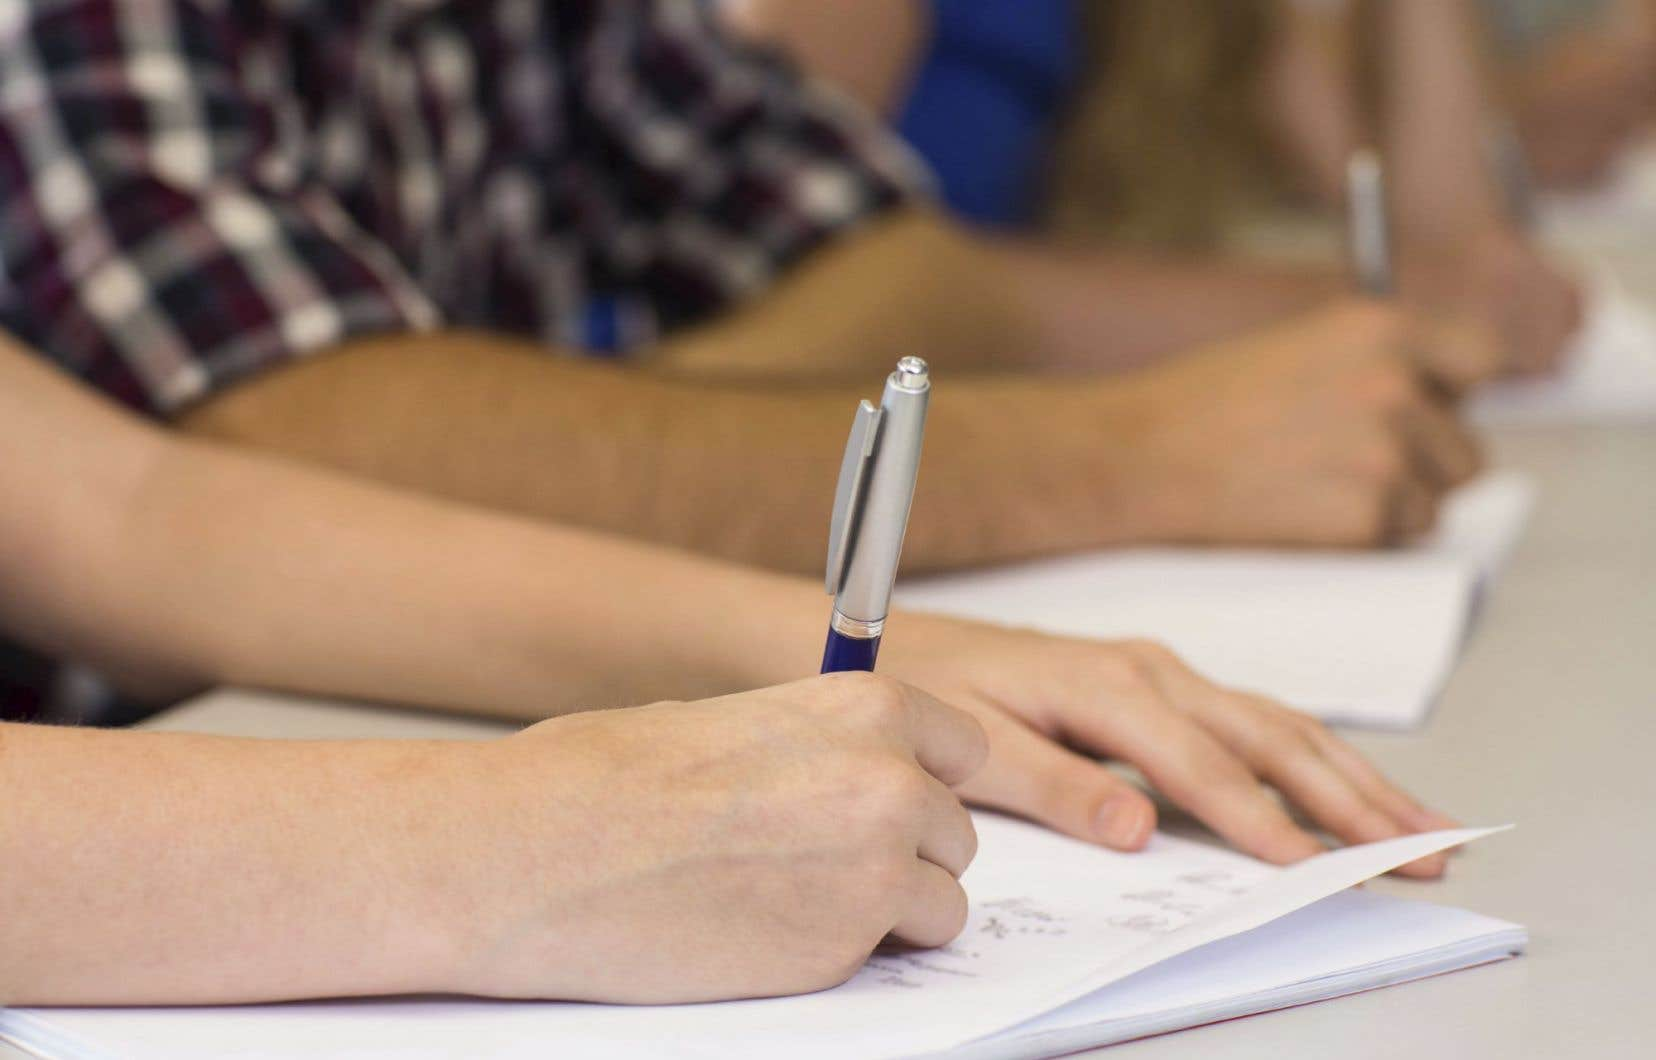 Outre le problème de temps, plusieurs professeurs parlent de « pièges exagérés » dans certaines parties de l'examen.